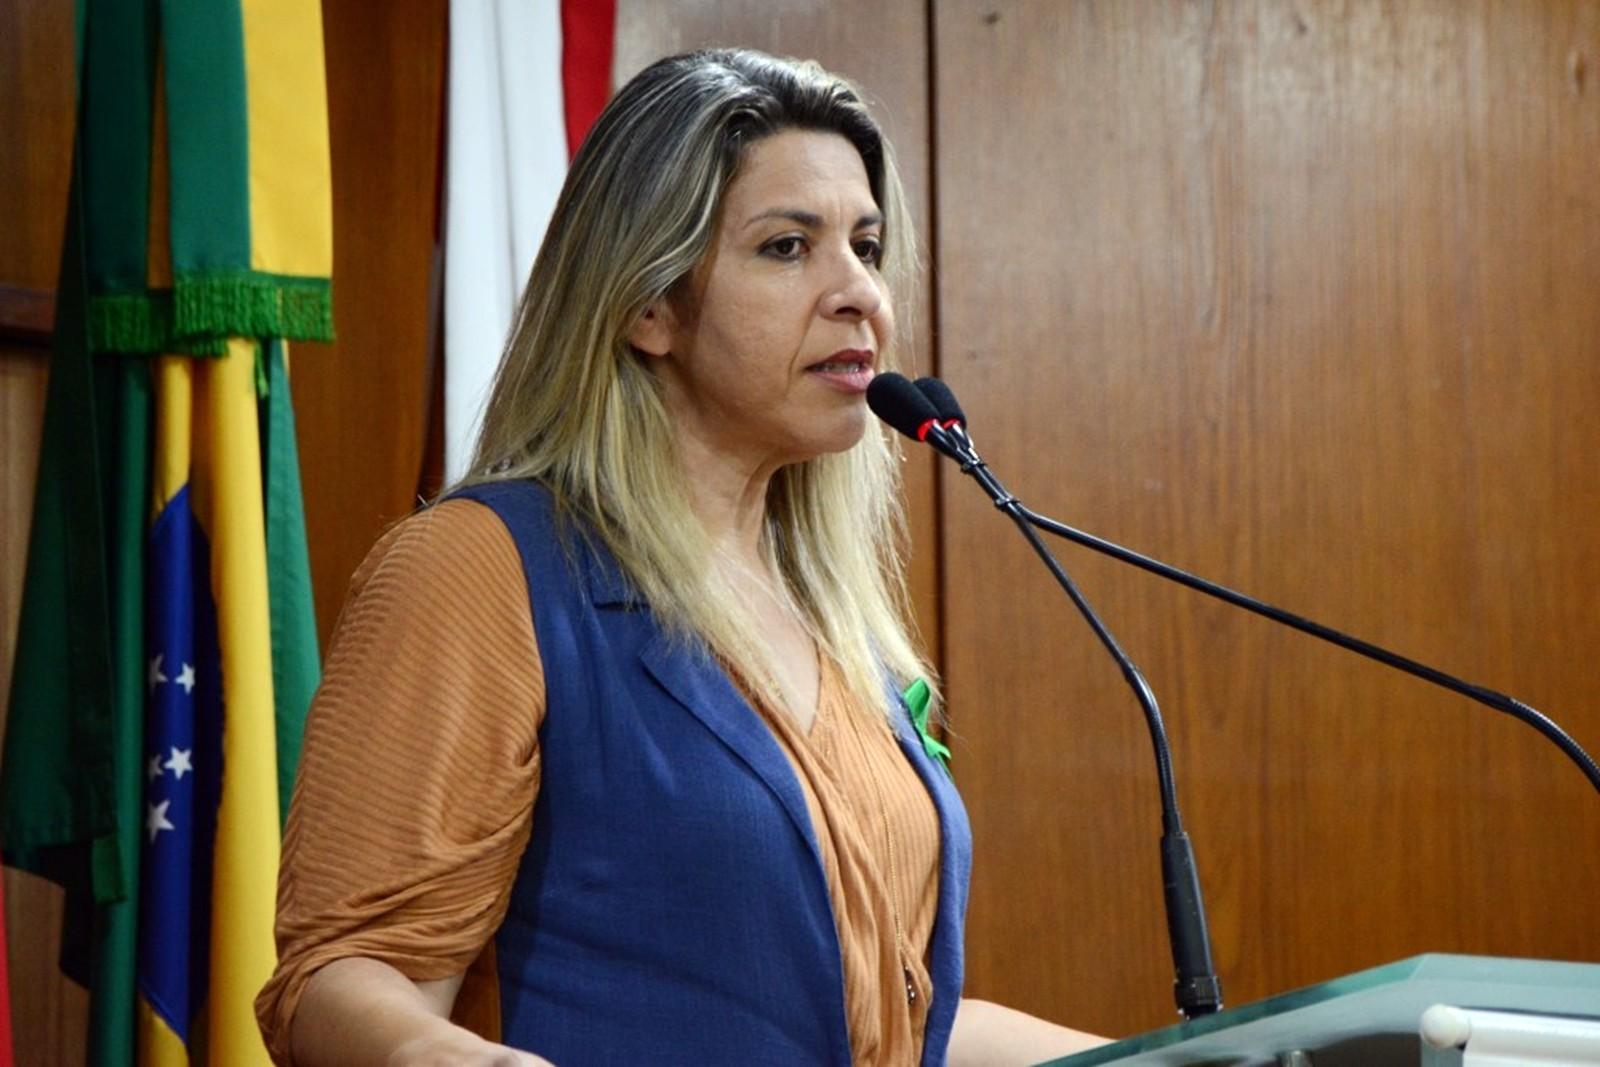 Conselho de Psicologia emite nota de repúdio após declaração de vereadora sobre suicídio na PB - Notícias - Plantão Diário